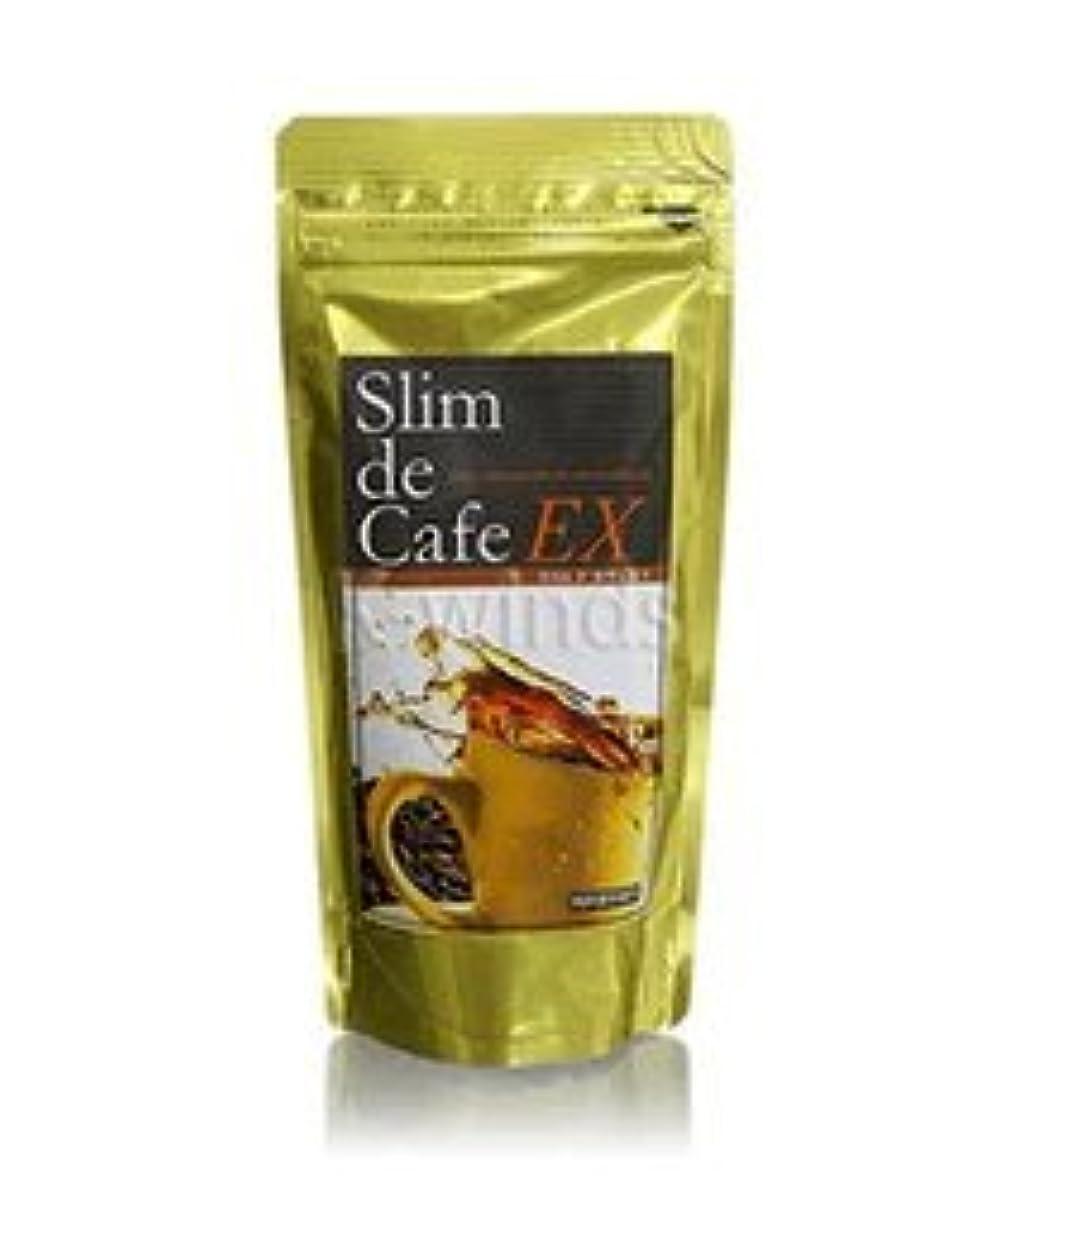 混雑学ぶ同化するスーパー ダイエット コーヒー スリムドカフェEX